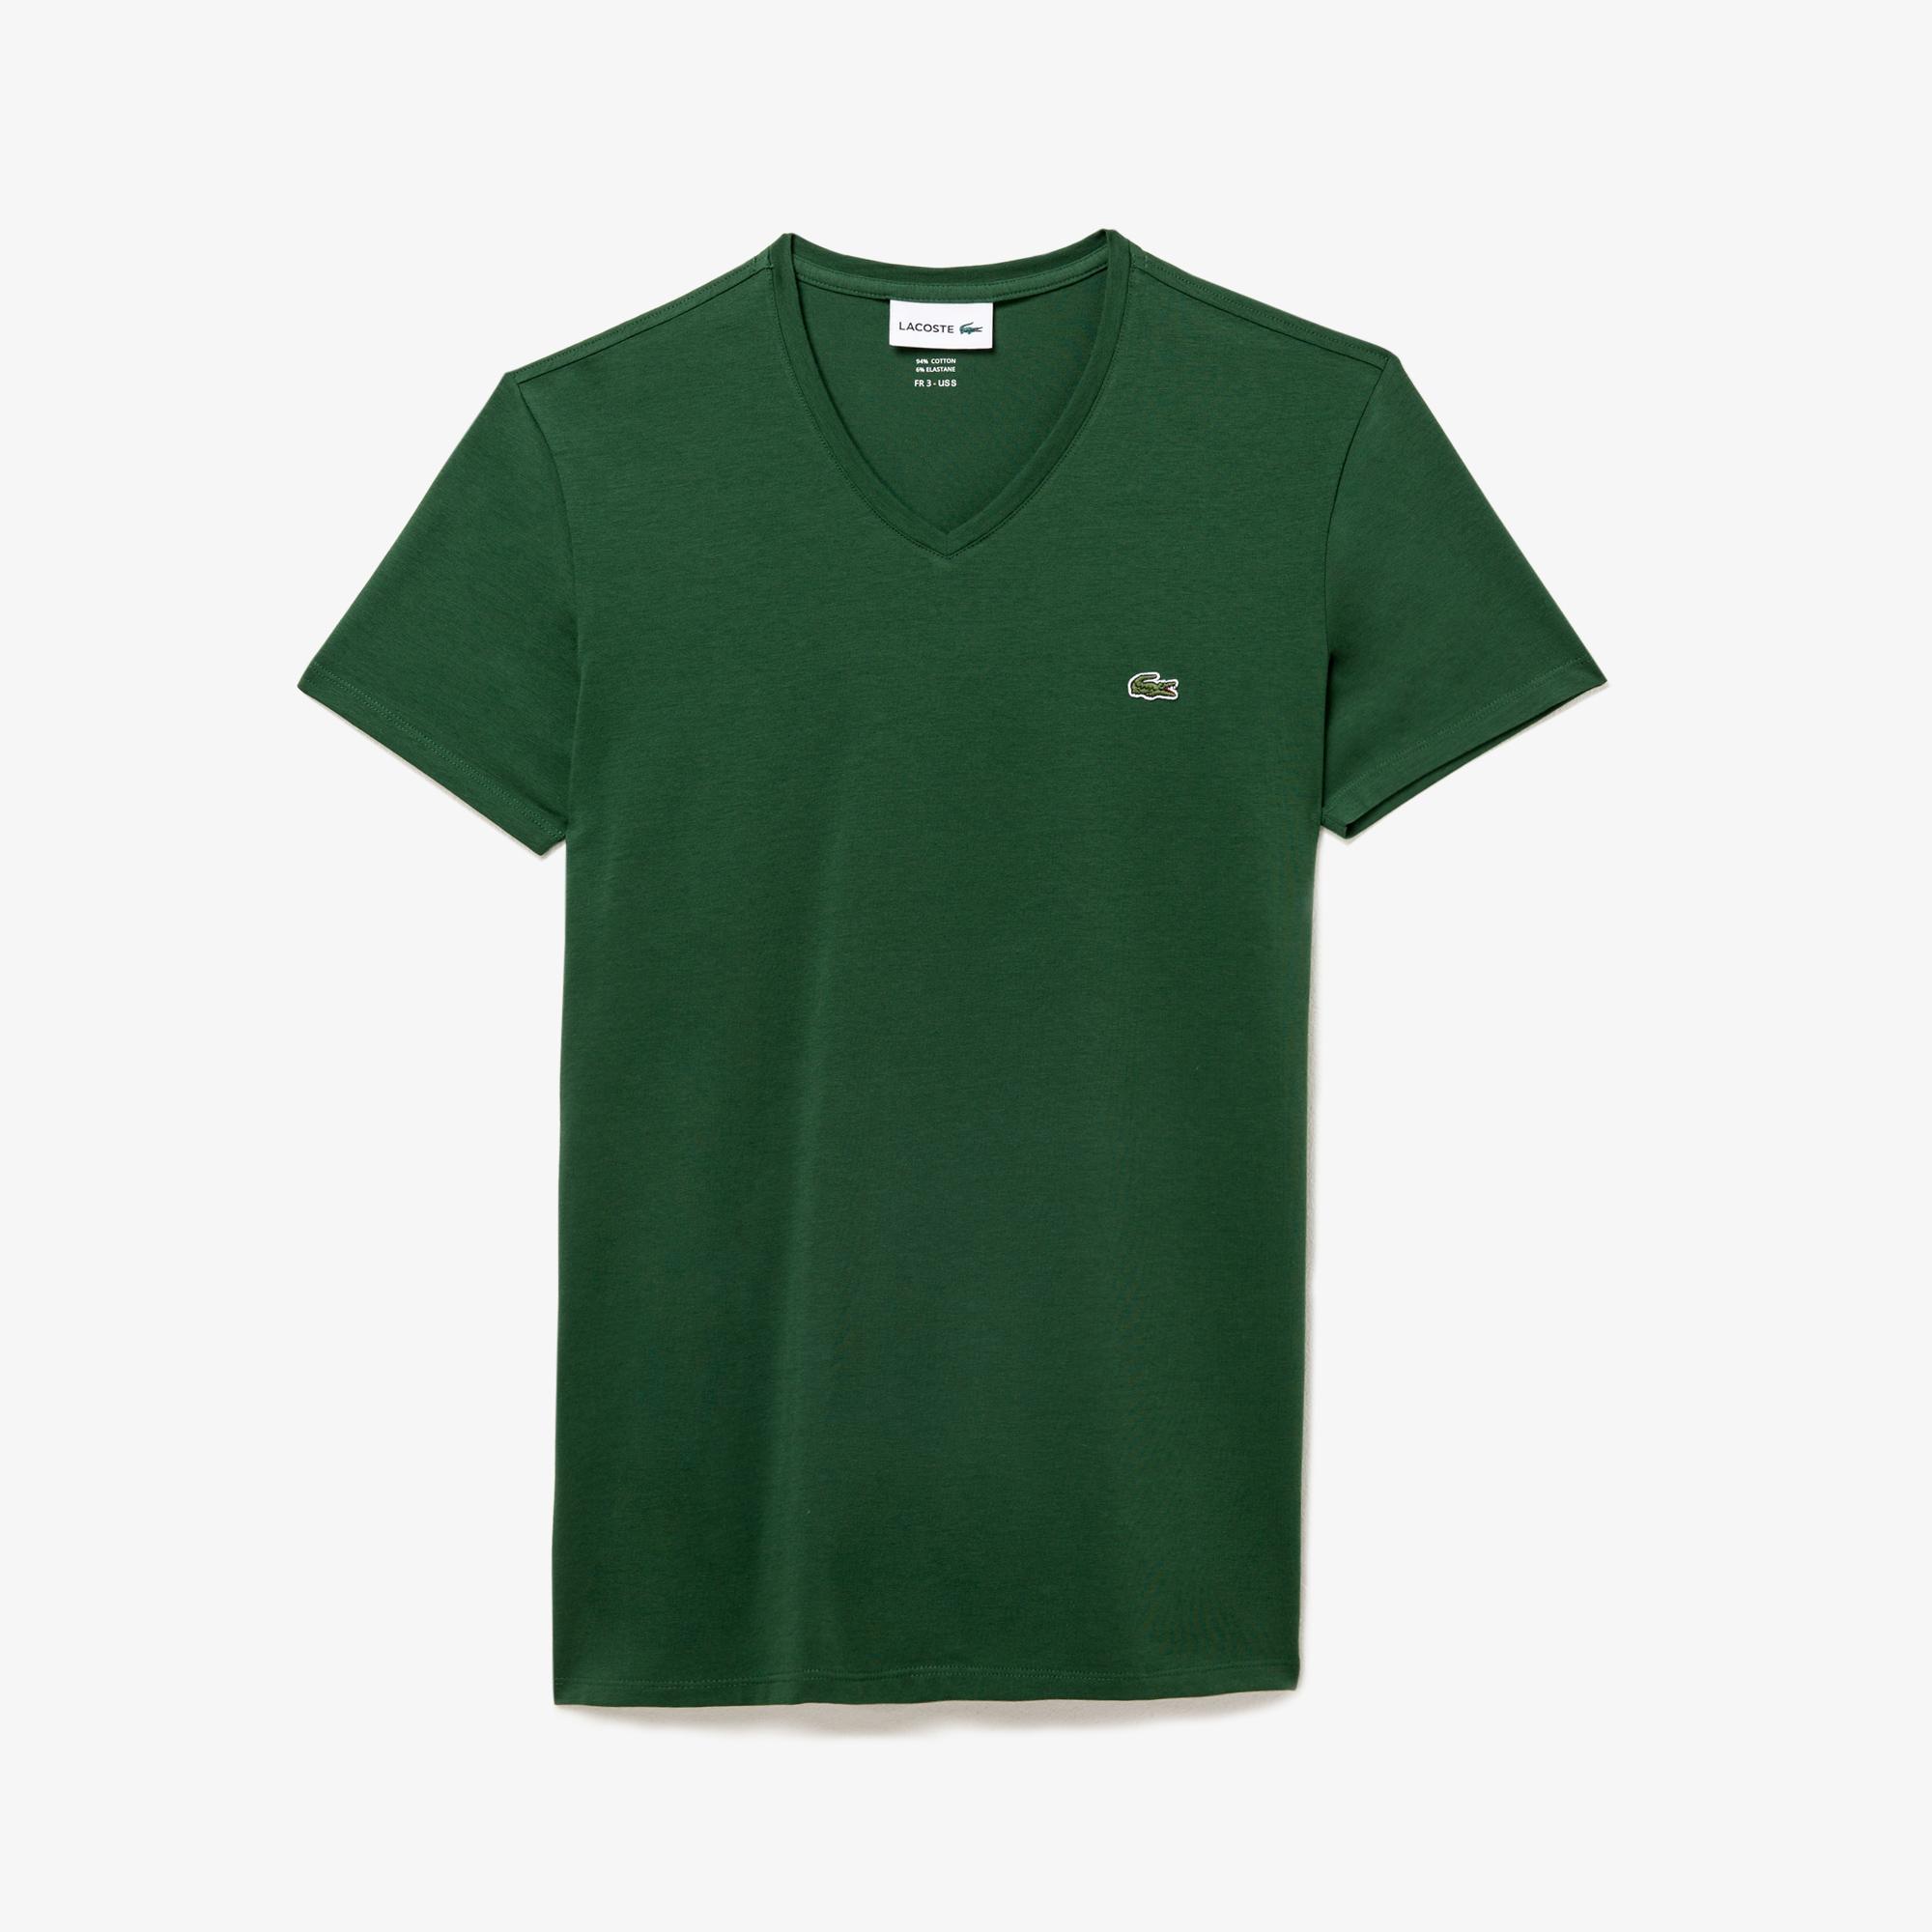 Lacoste Erkek V Yaka Yeşil T-Shirt